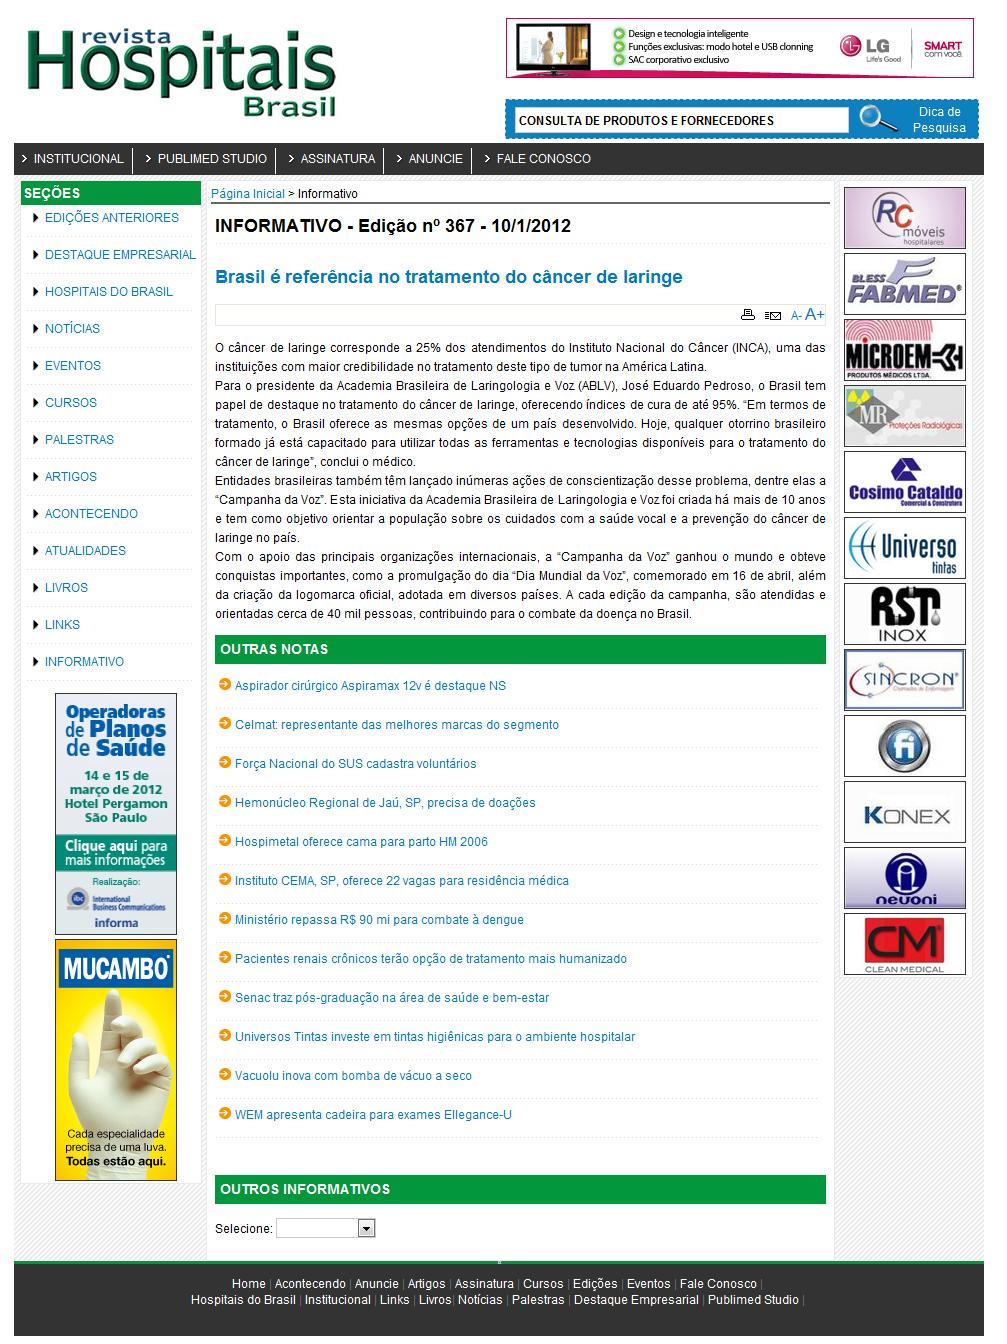 revistahospitais20brasil-8155405